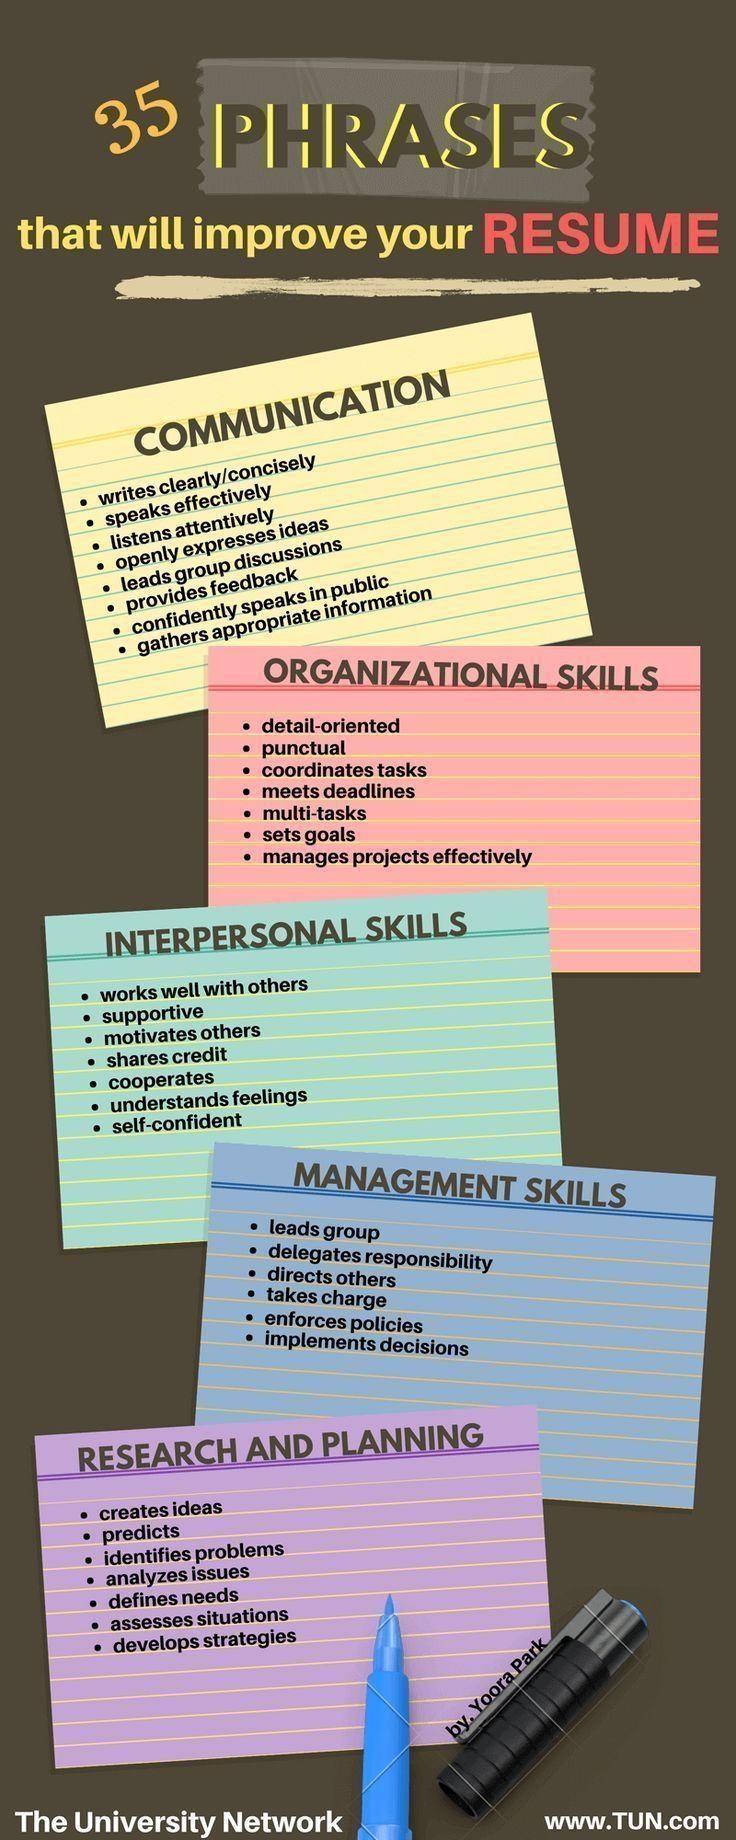 65 Good Cv Wordsjob Resume Cover Letter For Resume Resume Tips Resume Writing Job Help Job Int Job Interview Advice Resume Tips Resume Skills